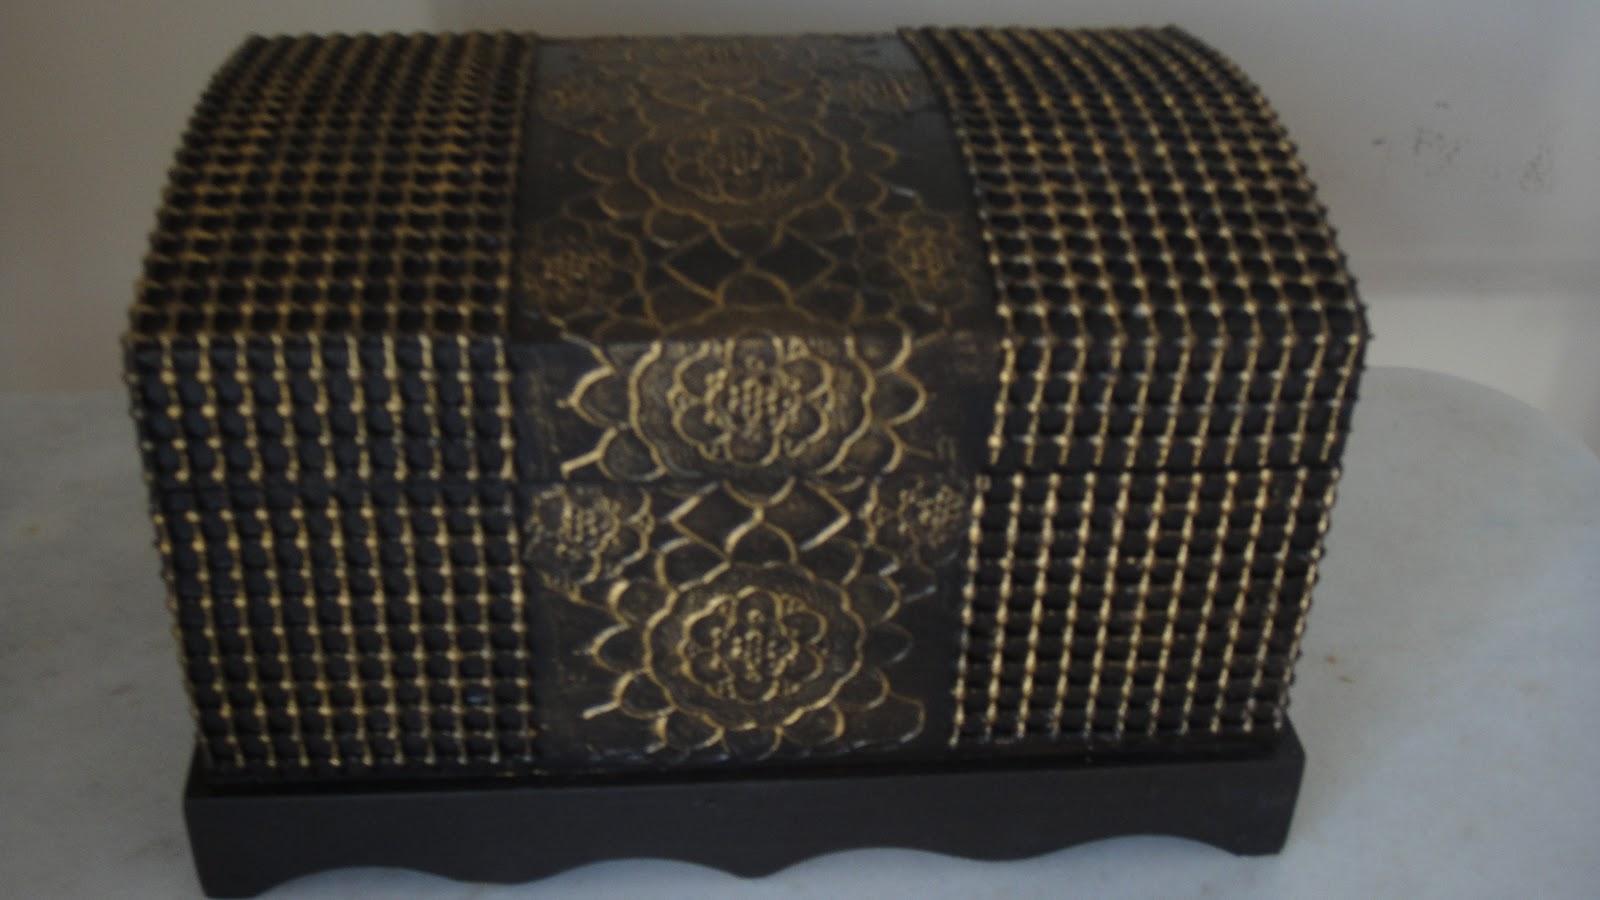 Adesivo De Guarda Roupa Infantil ~ Artesanatos Goi u00e2nia Mina das Artes Baú envelhecido Com textura e relevo